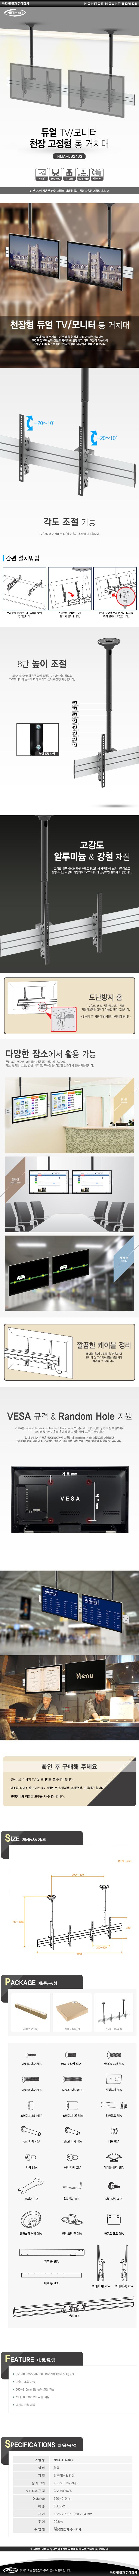 강원전자 NETmate 듀얼 TV 모니터 천장 고정형 봉 거치대 NMA-LB246S